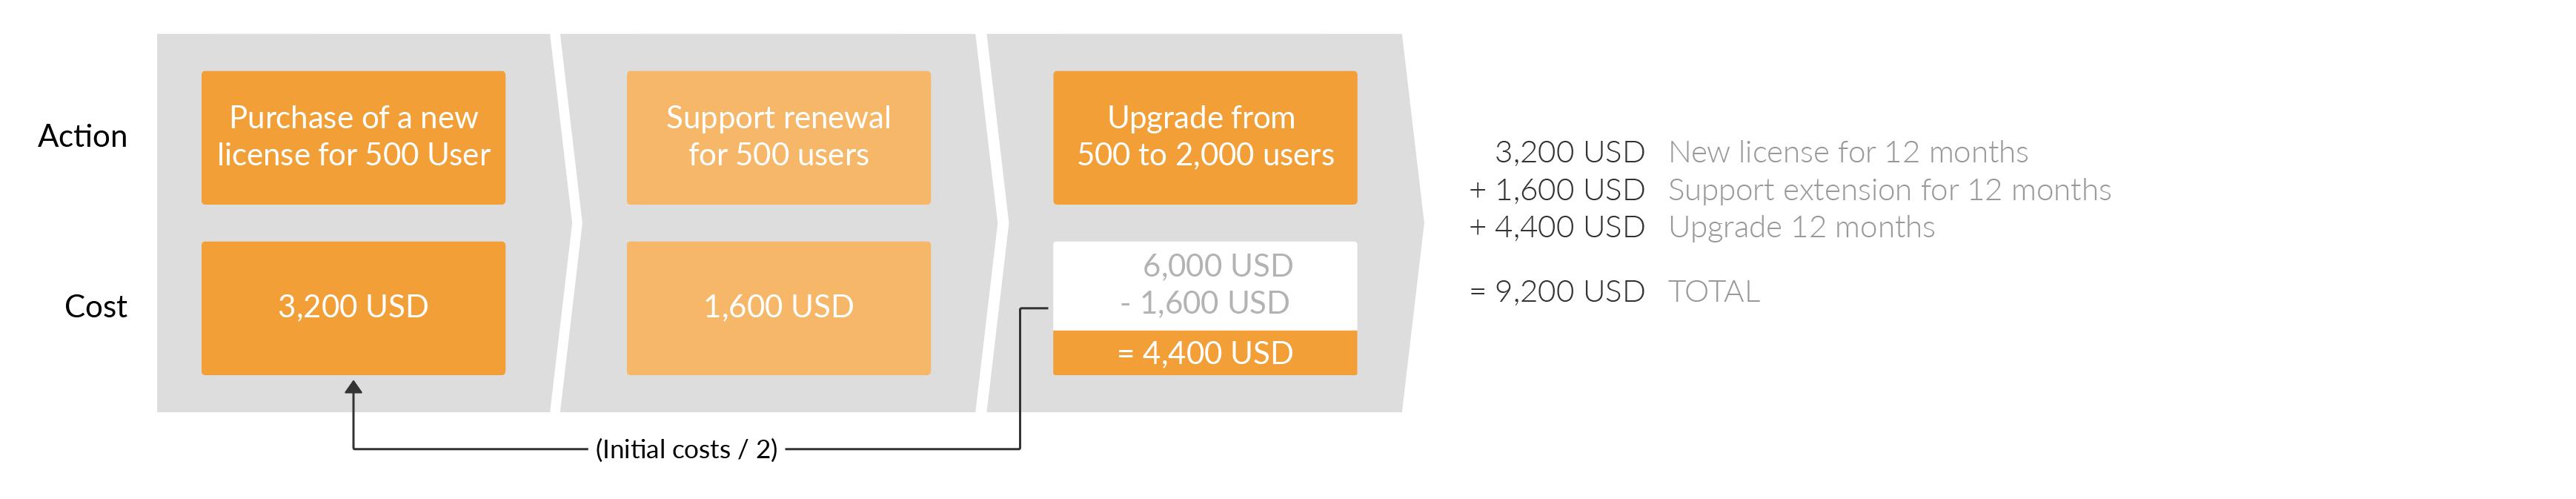 您可以扩展您的Confluence用户基础。 首先,您使用新的draw.io许可证的价格。 然后,您减去初始许可证成本的50%,以获得升级价格。